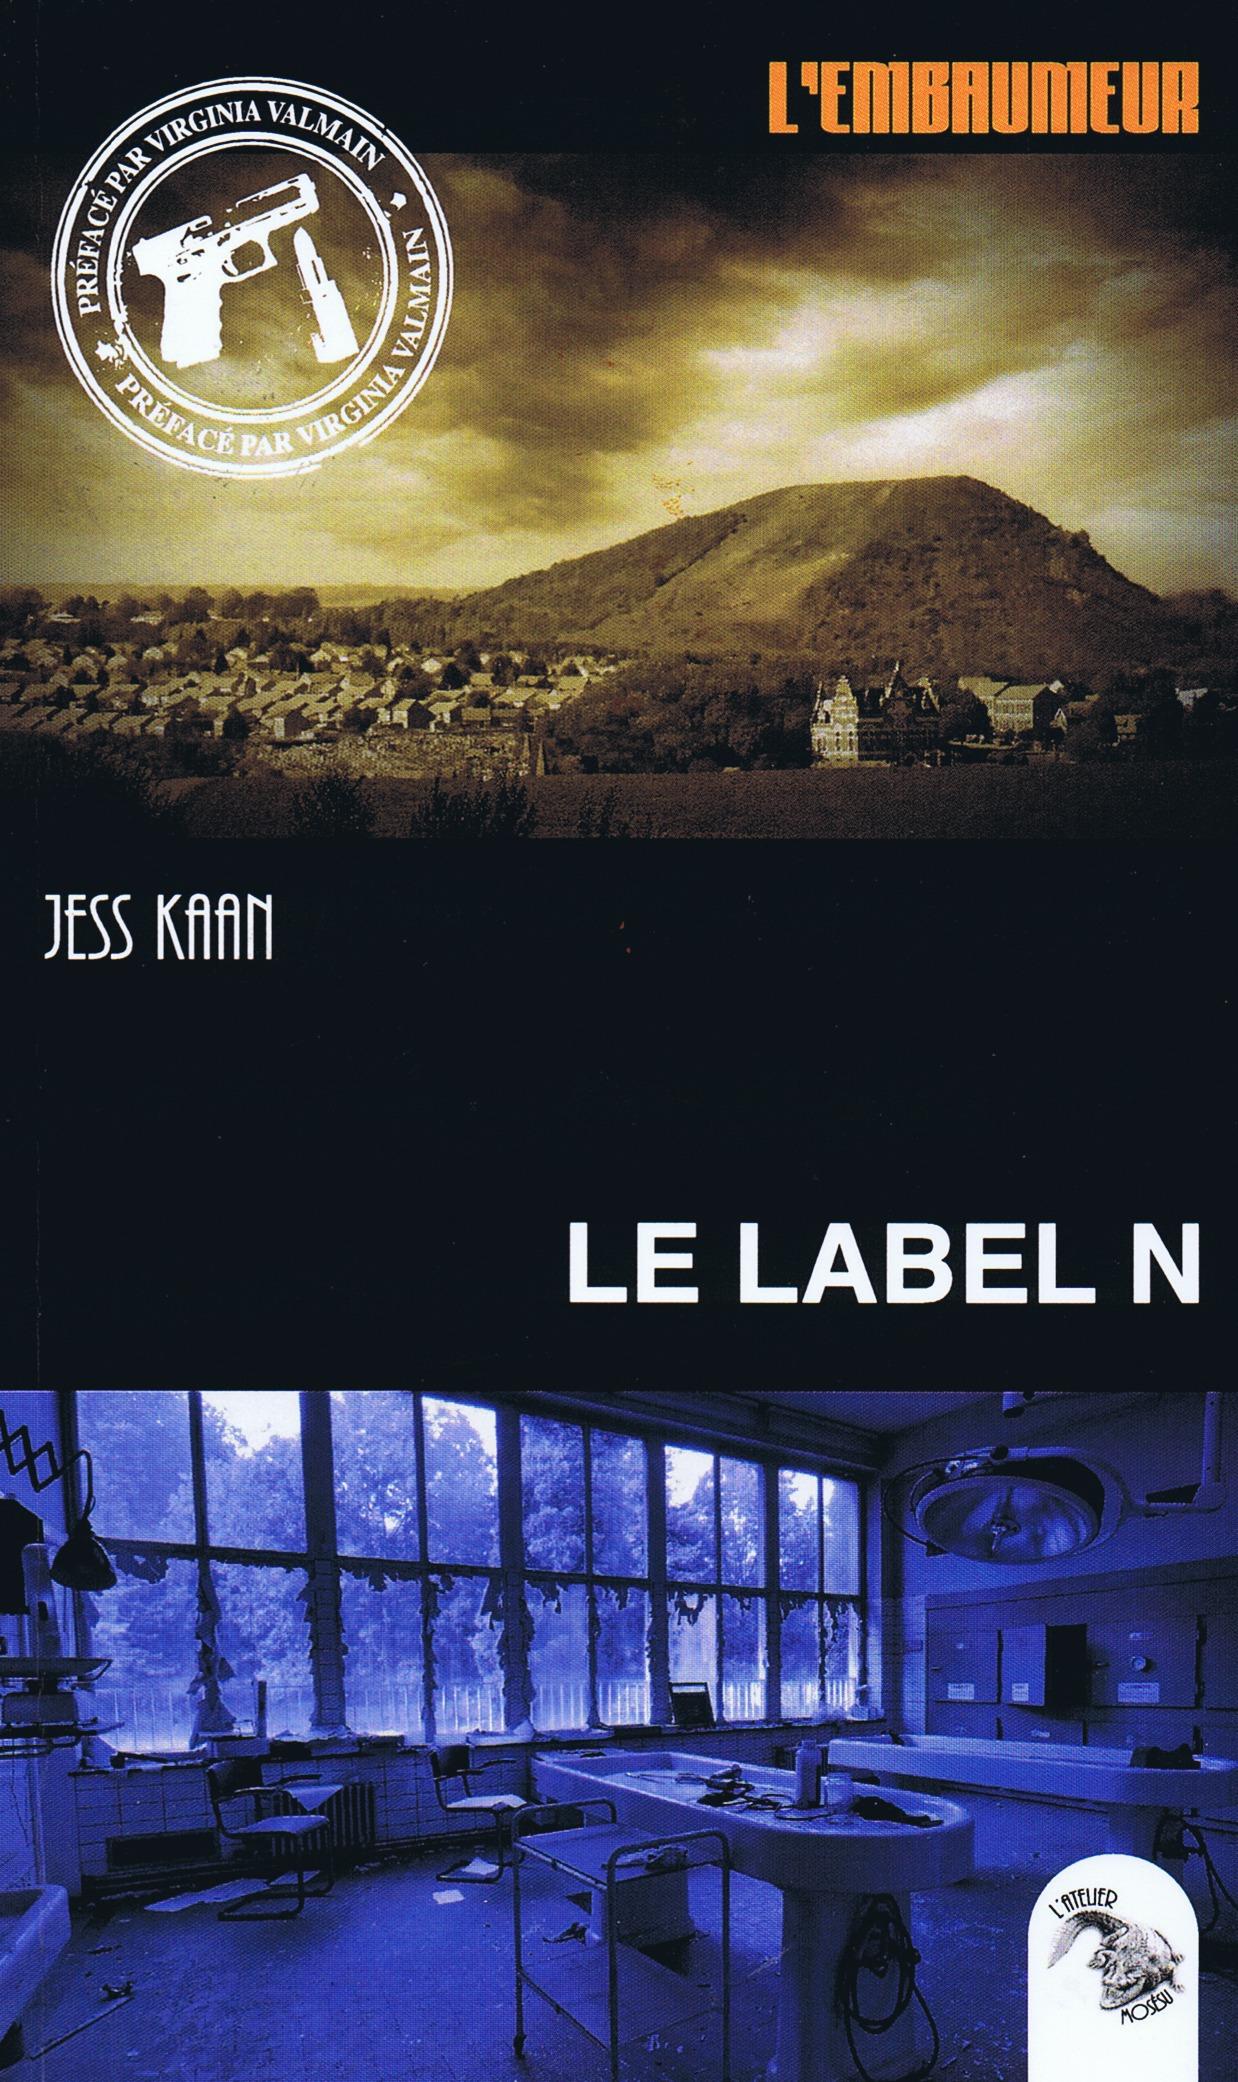 Le label N